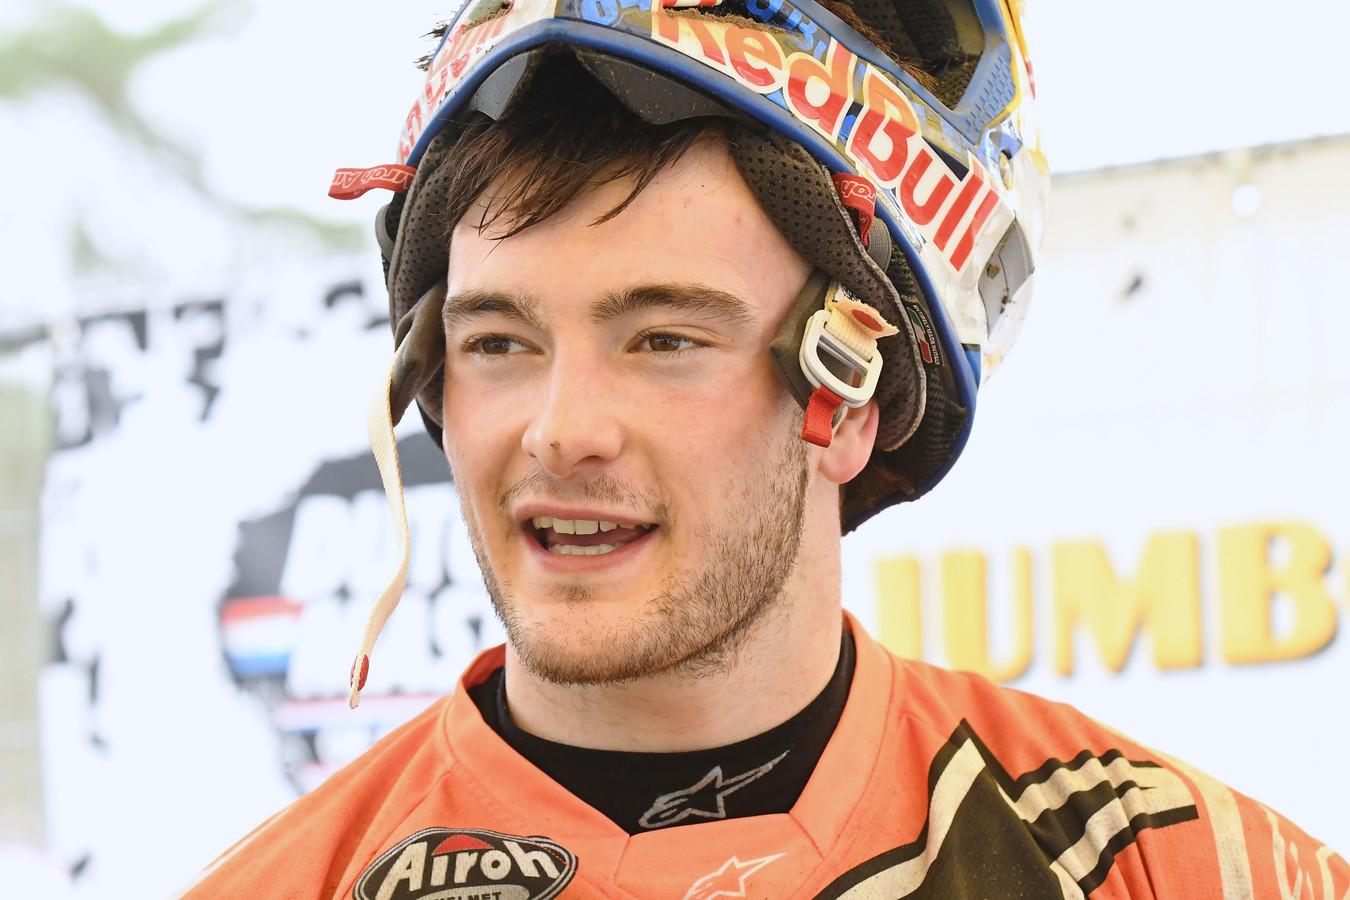 Aankomend weekend kan Jeffrey Herlings voor het eerst in zijn carrière wereldkampioen motorcross worden.